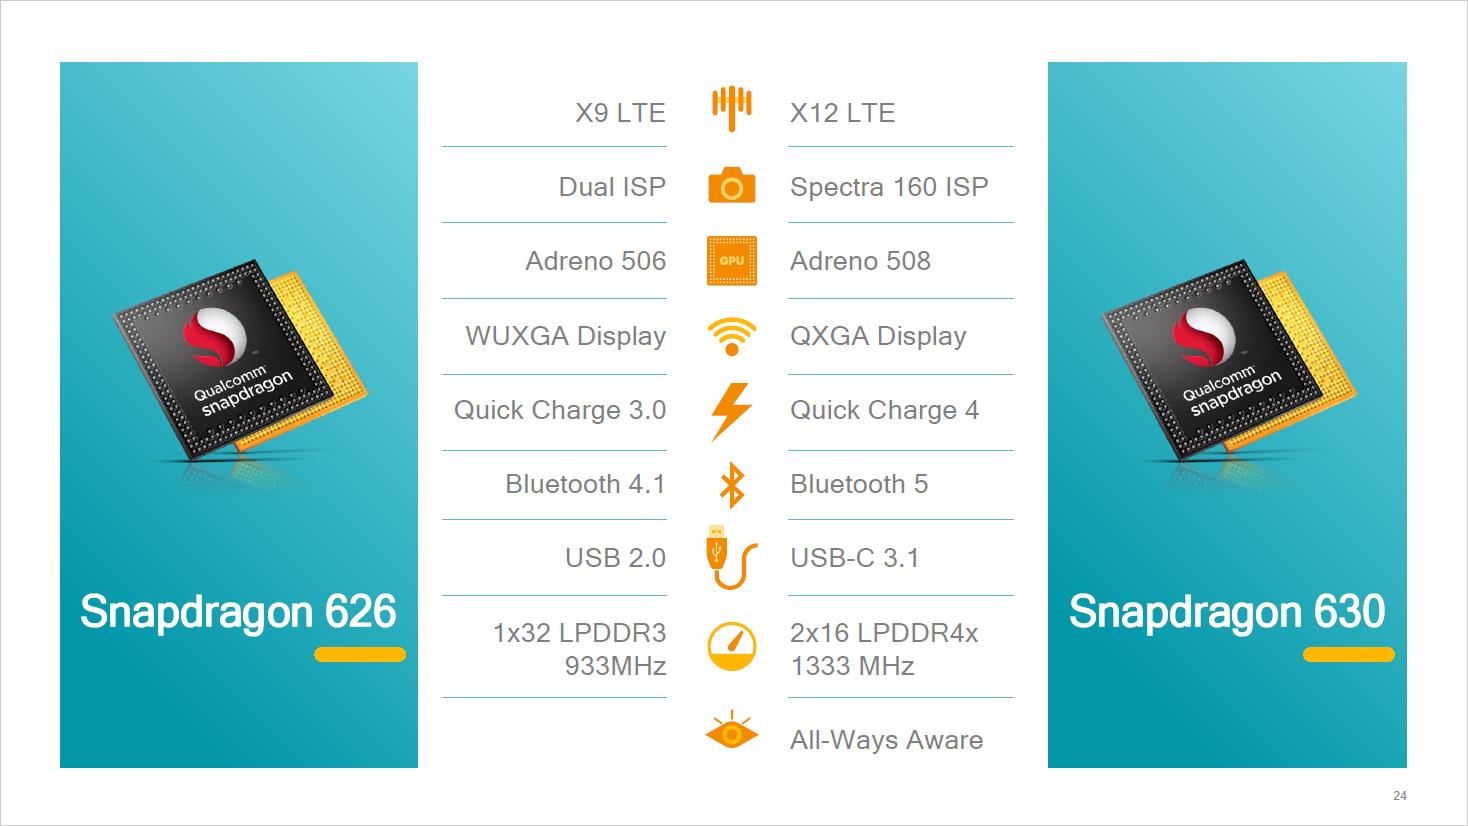 Snapdragon 660/630: Qualcomm bringt Kryo-Kerne in die Mittelklasse - SD630 und SD626 im Vergleich (Bild: Qualcomm)